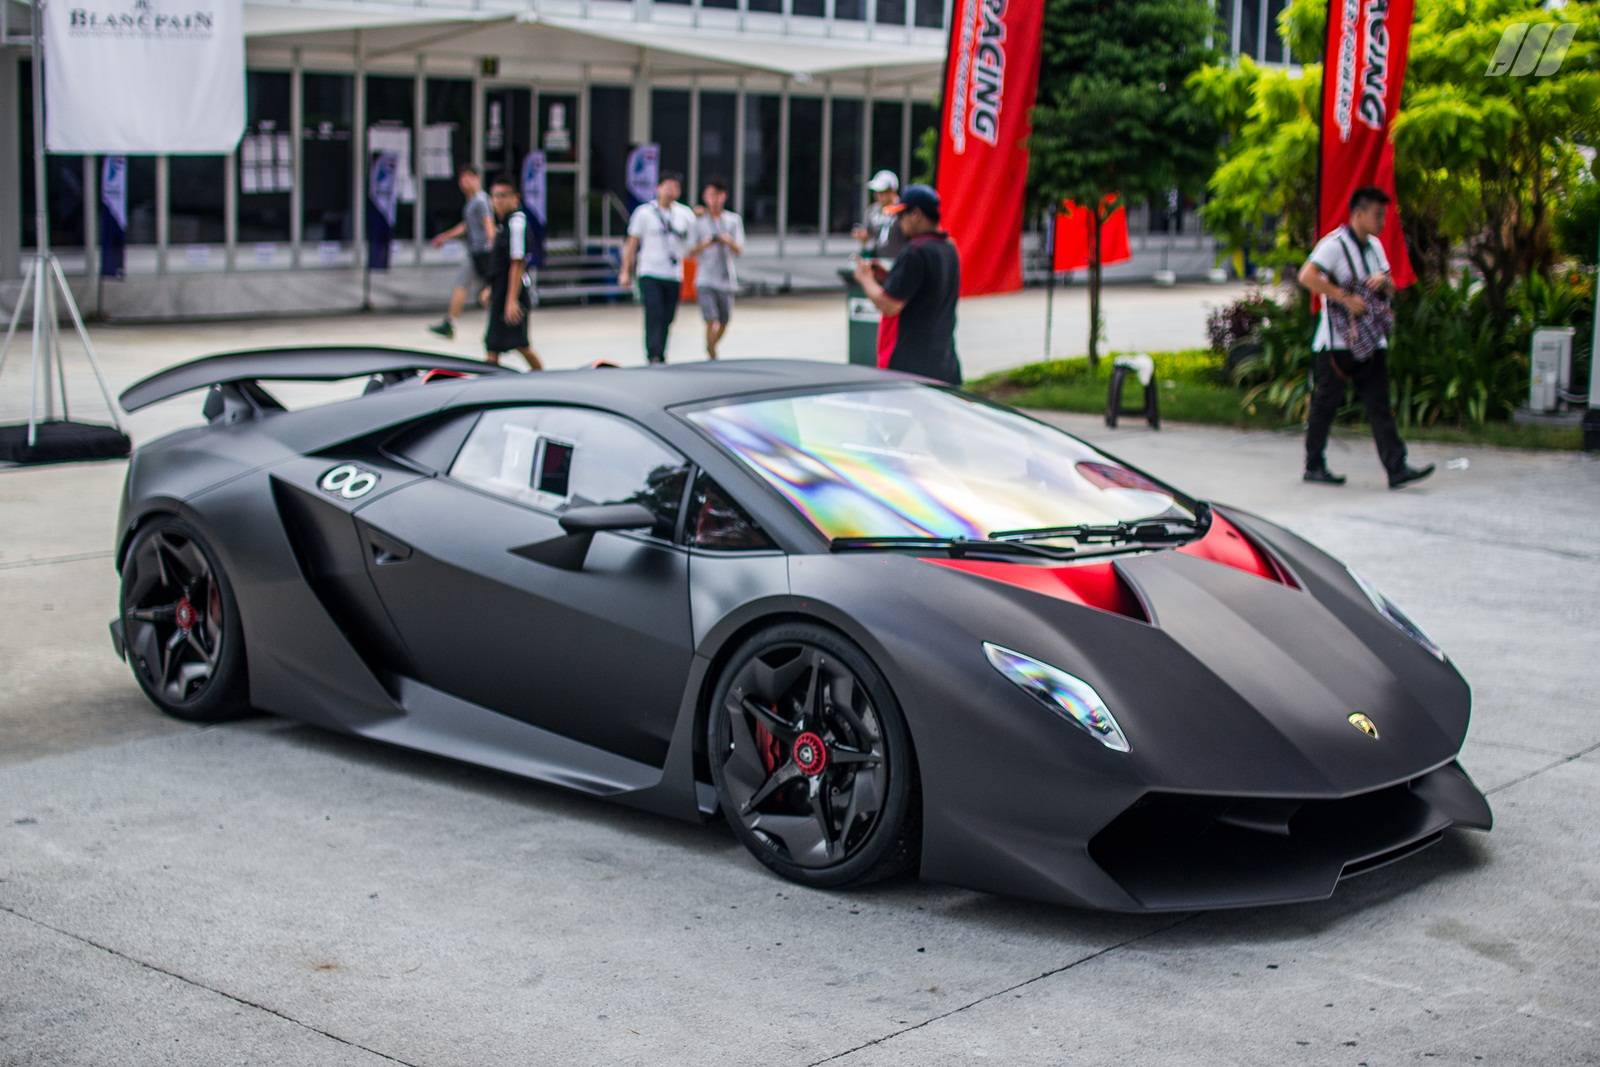 Lamborghini Sesto Elemento Wallpapers Vehicles Hq Lamborghini